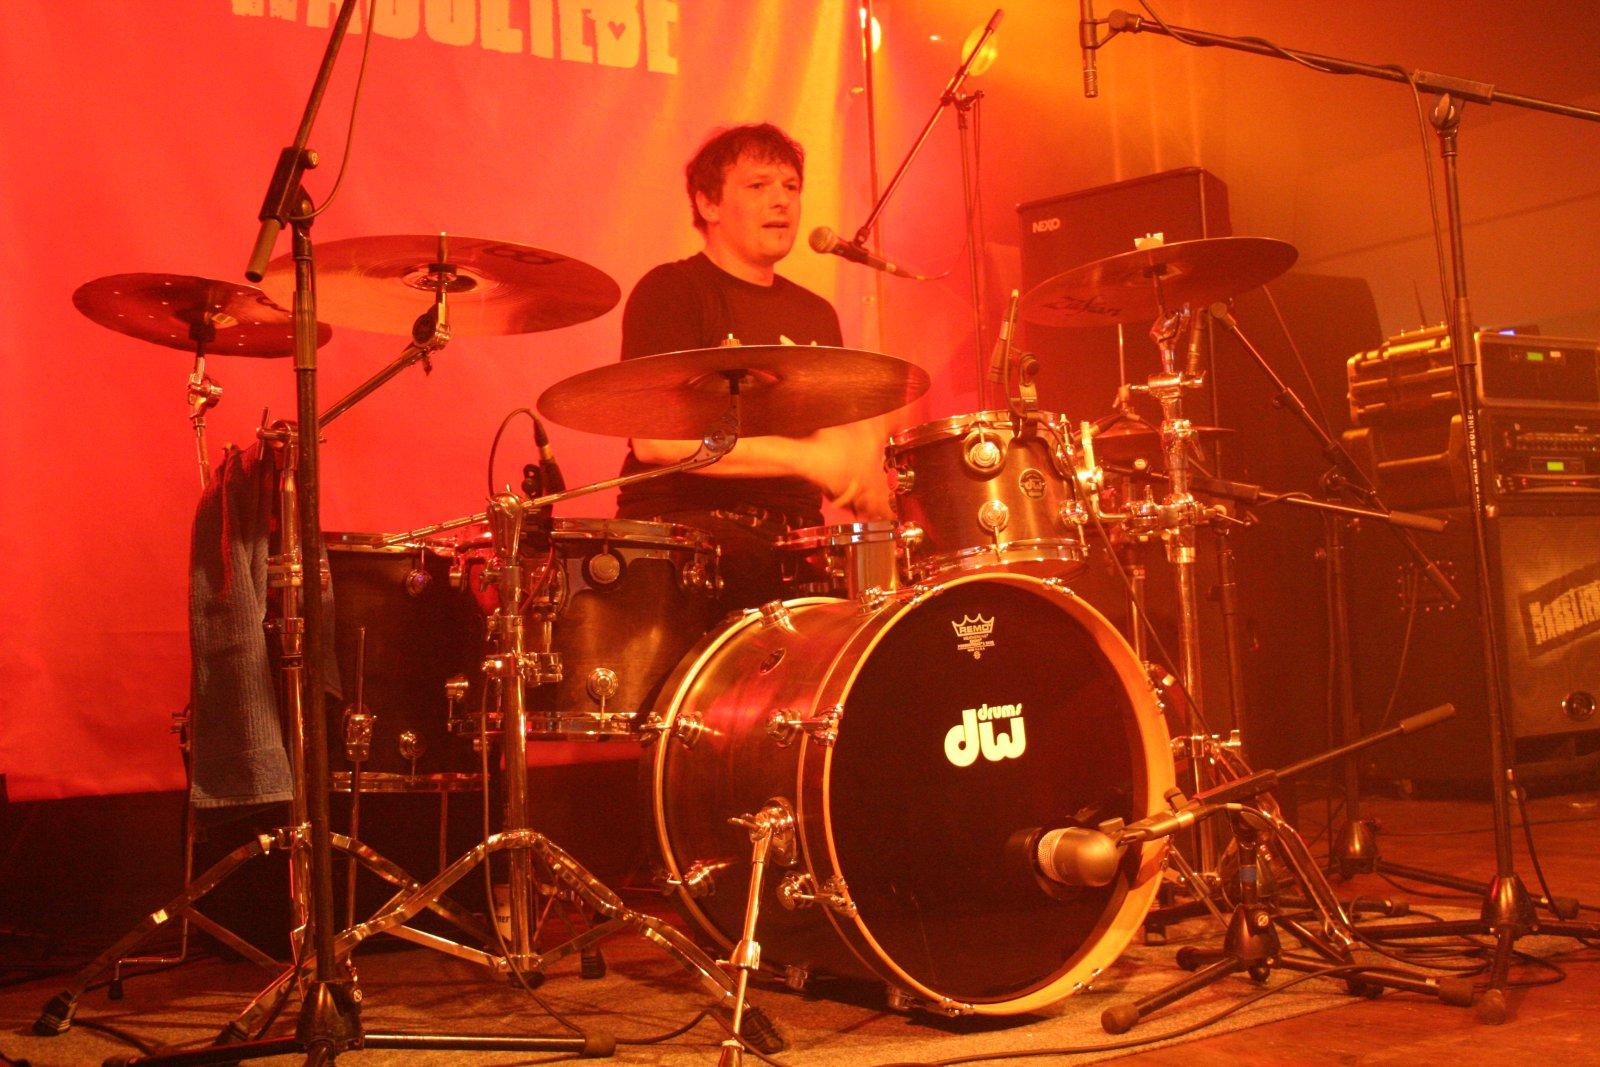 Hassliebe - Lennestadt Sauerlandhalle, 15.05.2010 - Foto von Andrea Jaeckel-Dobschat - 021